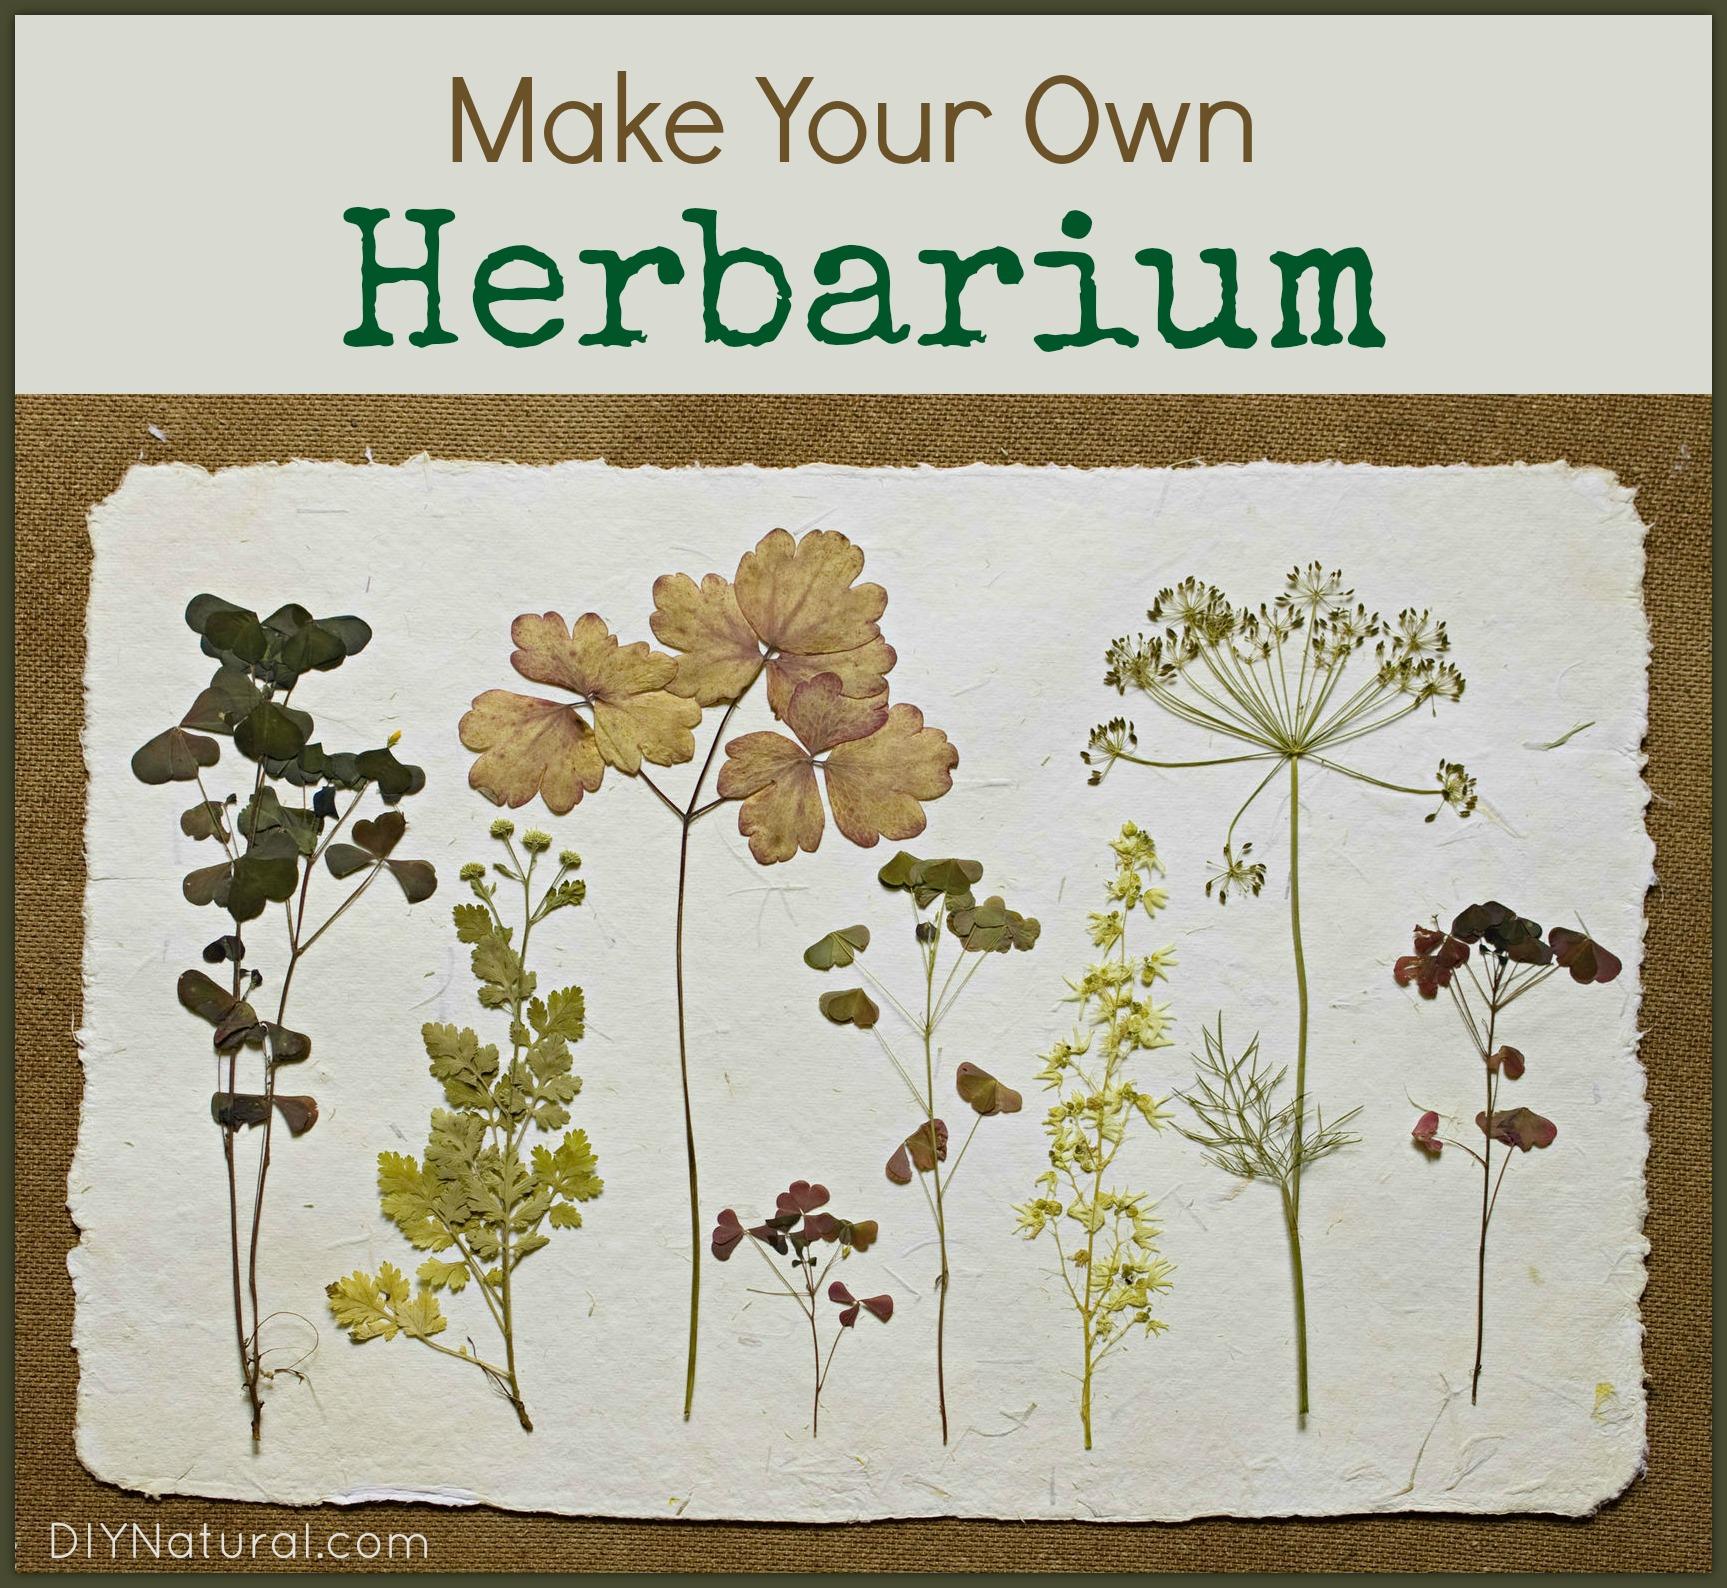 Make Your Own Herbarium Identification Book